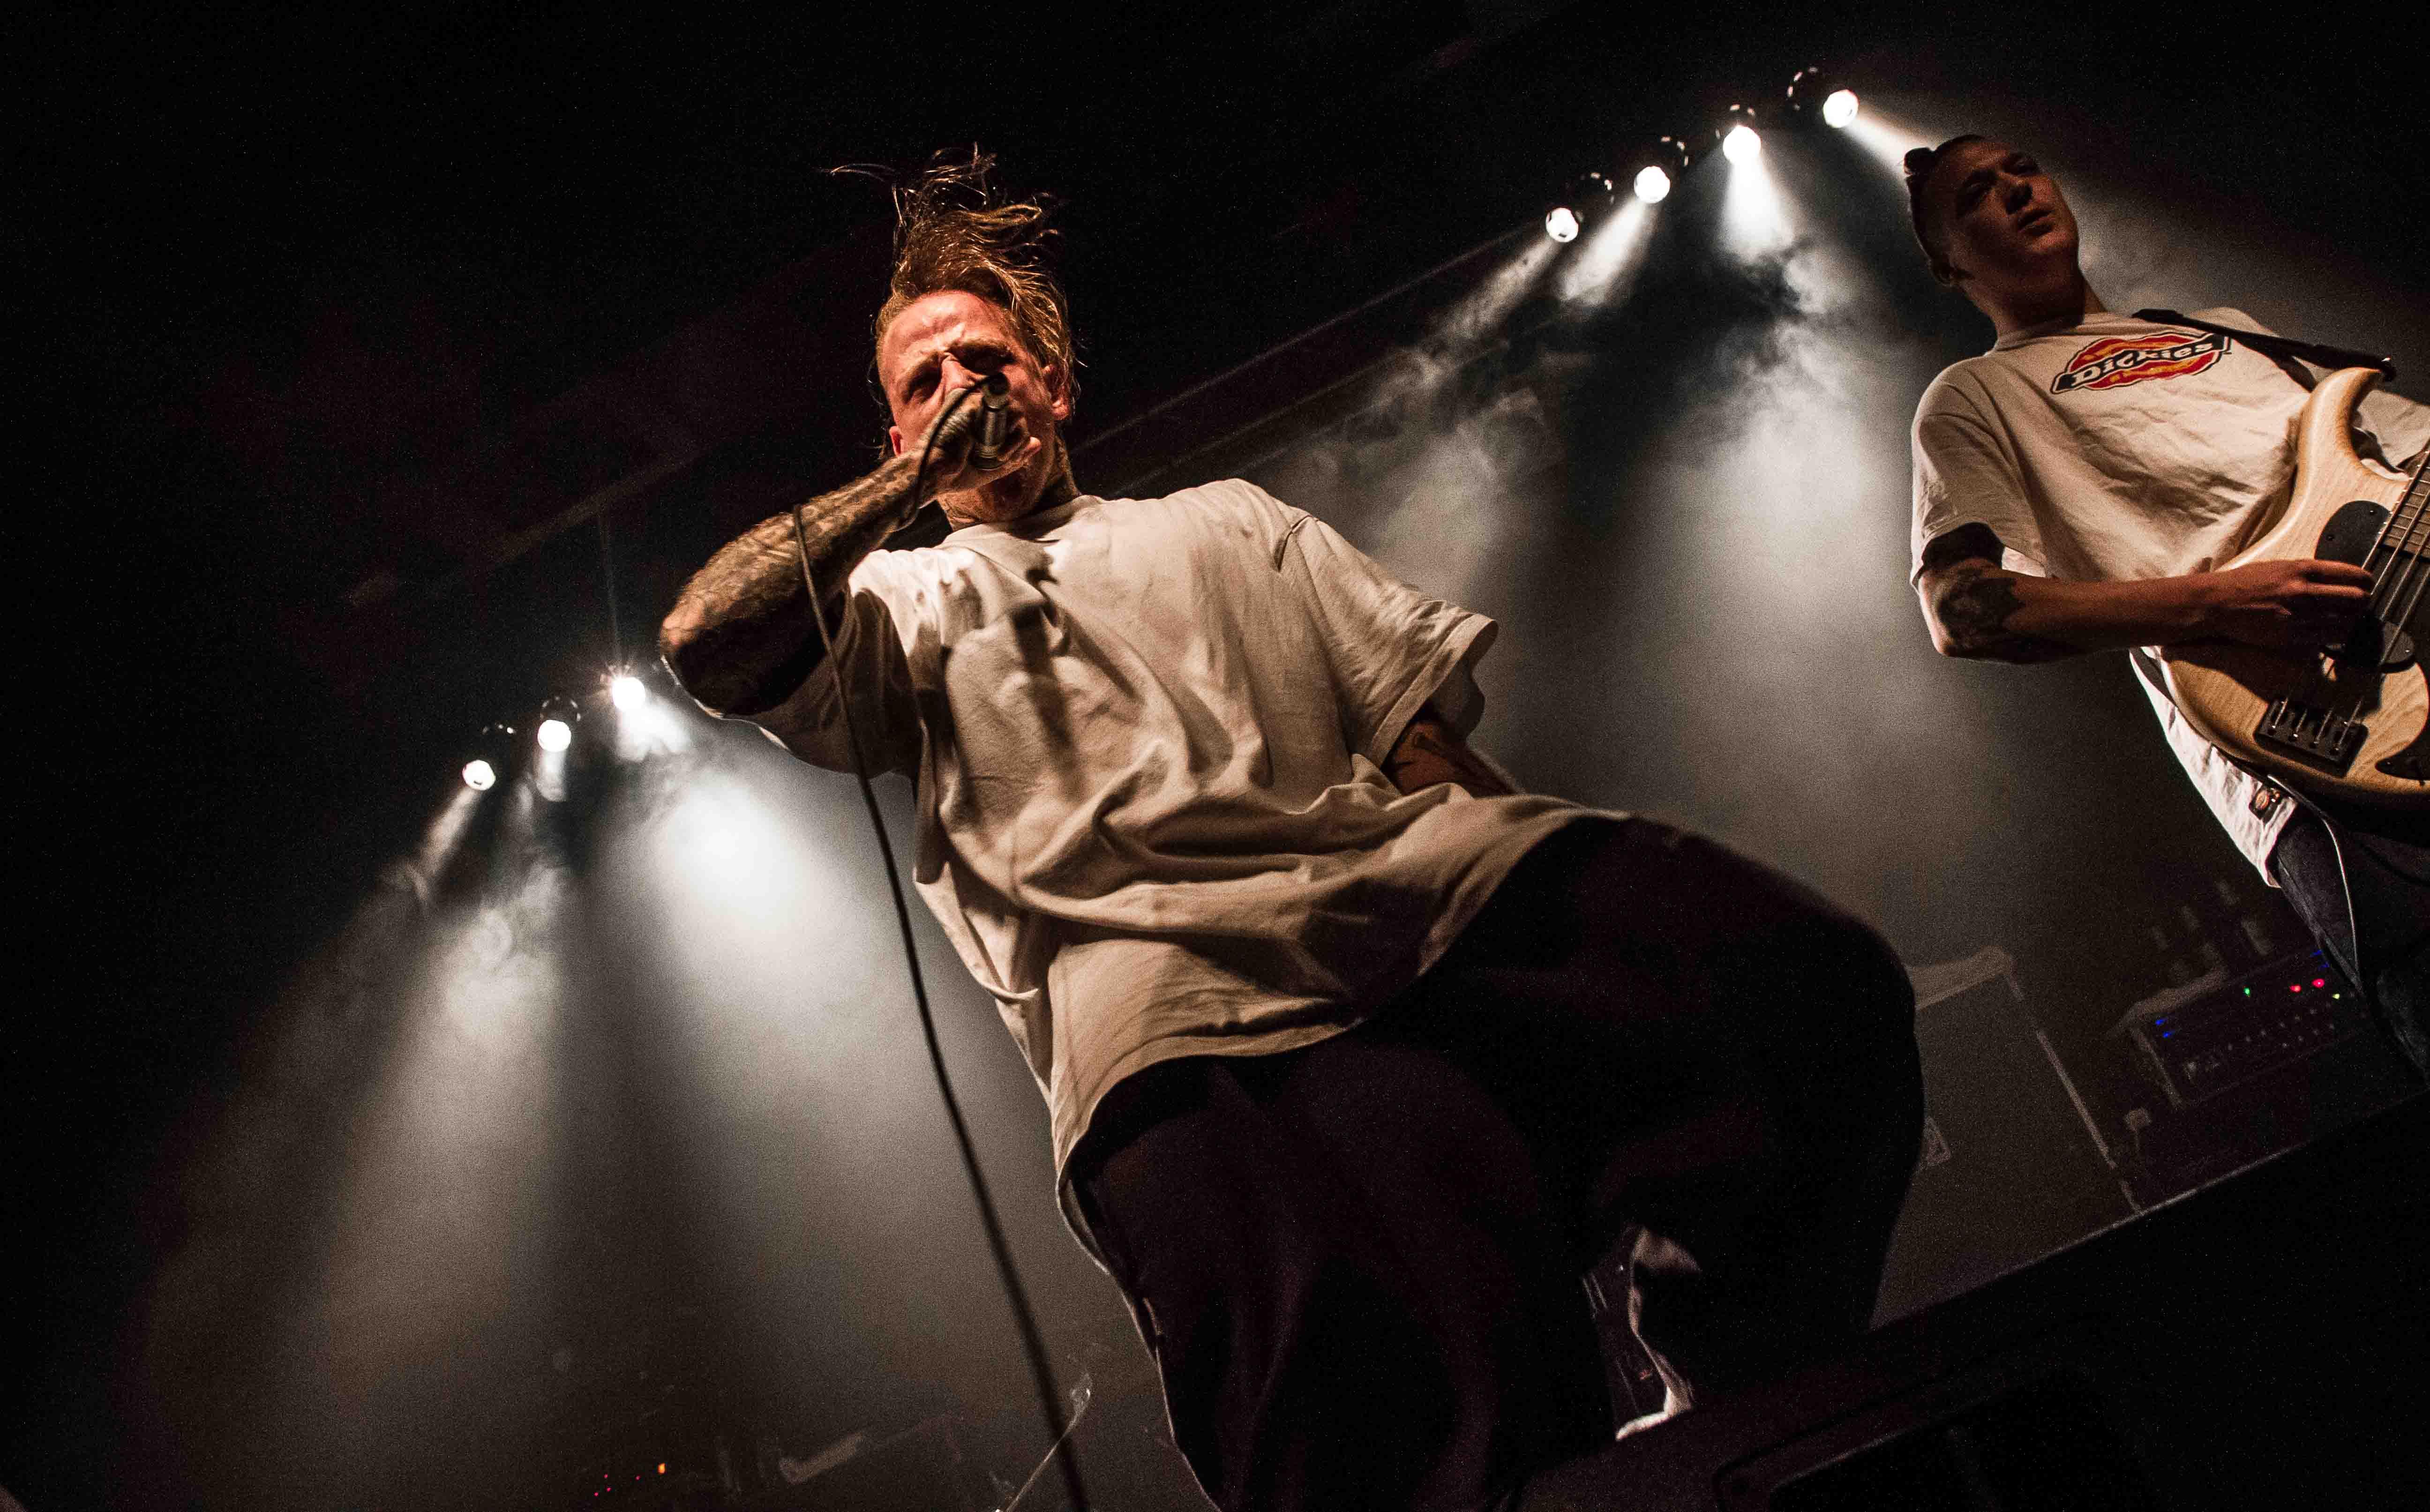 Nasty live, 28.04.2015, Berlin